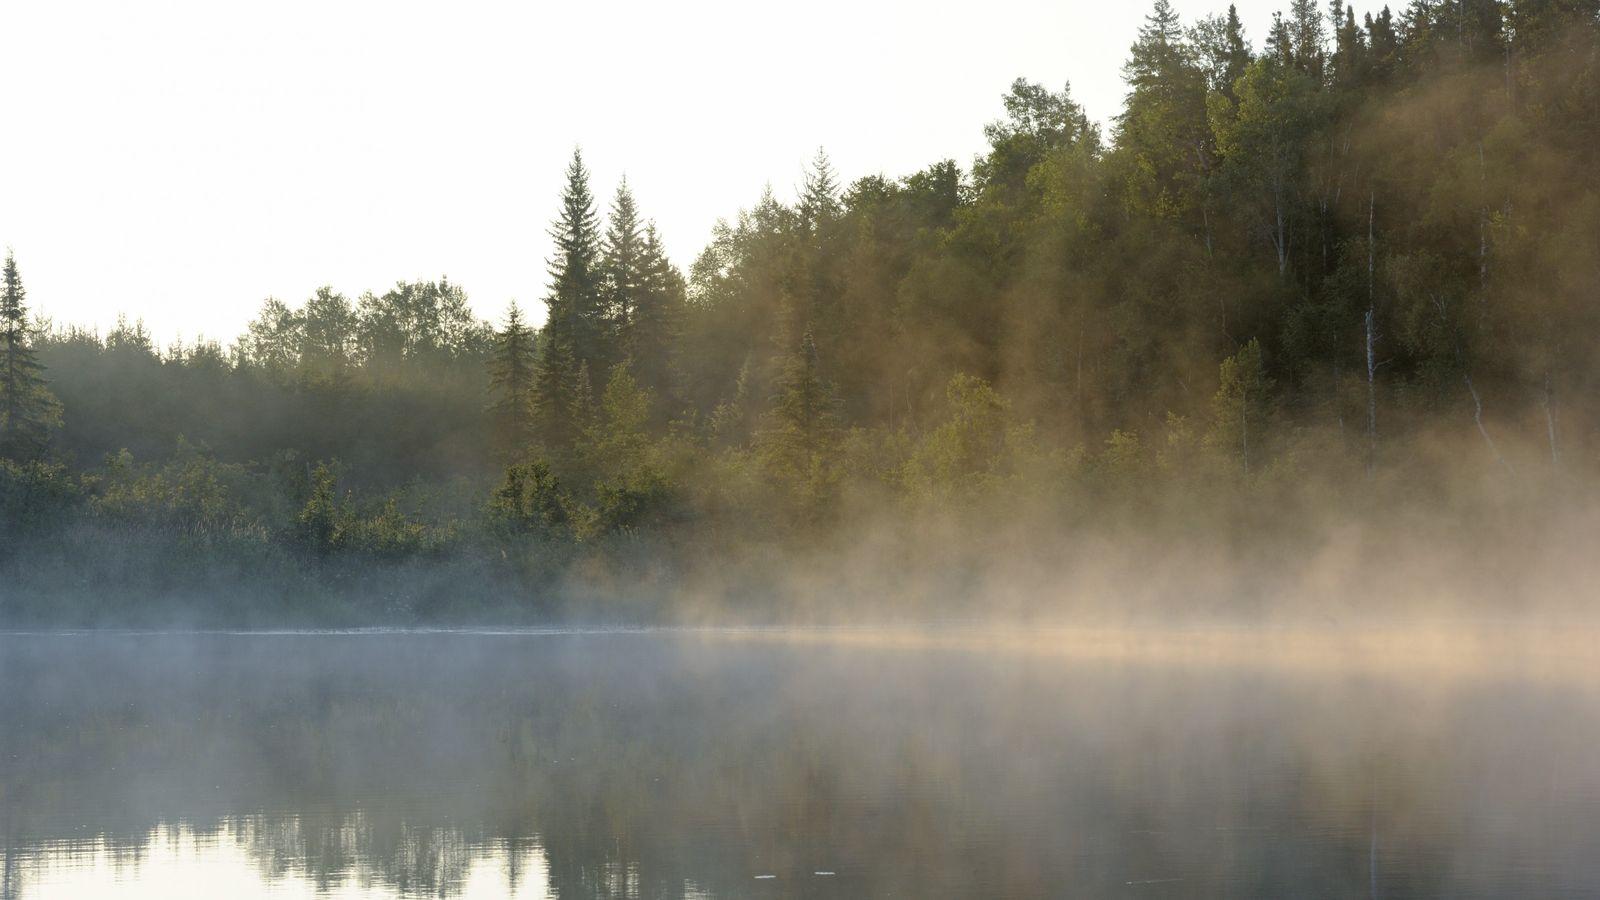 Pour assister au spectacle poétique de la brume s'évaporant à l'aube sur le lac Loïs, dans ...